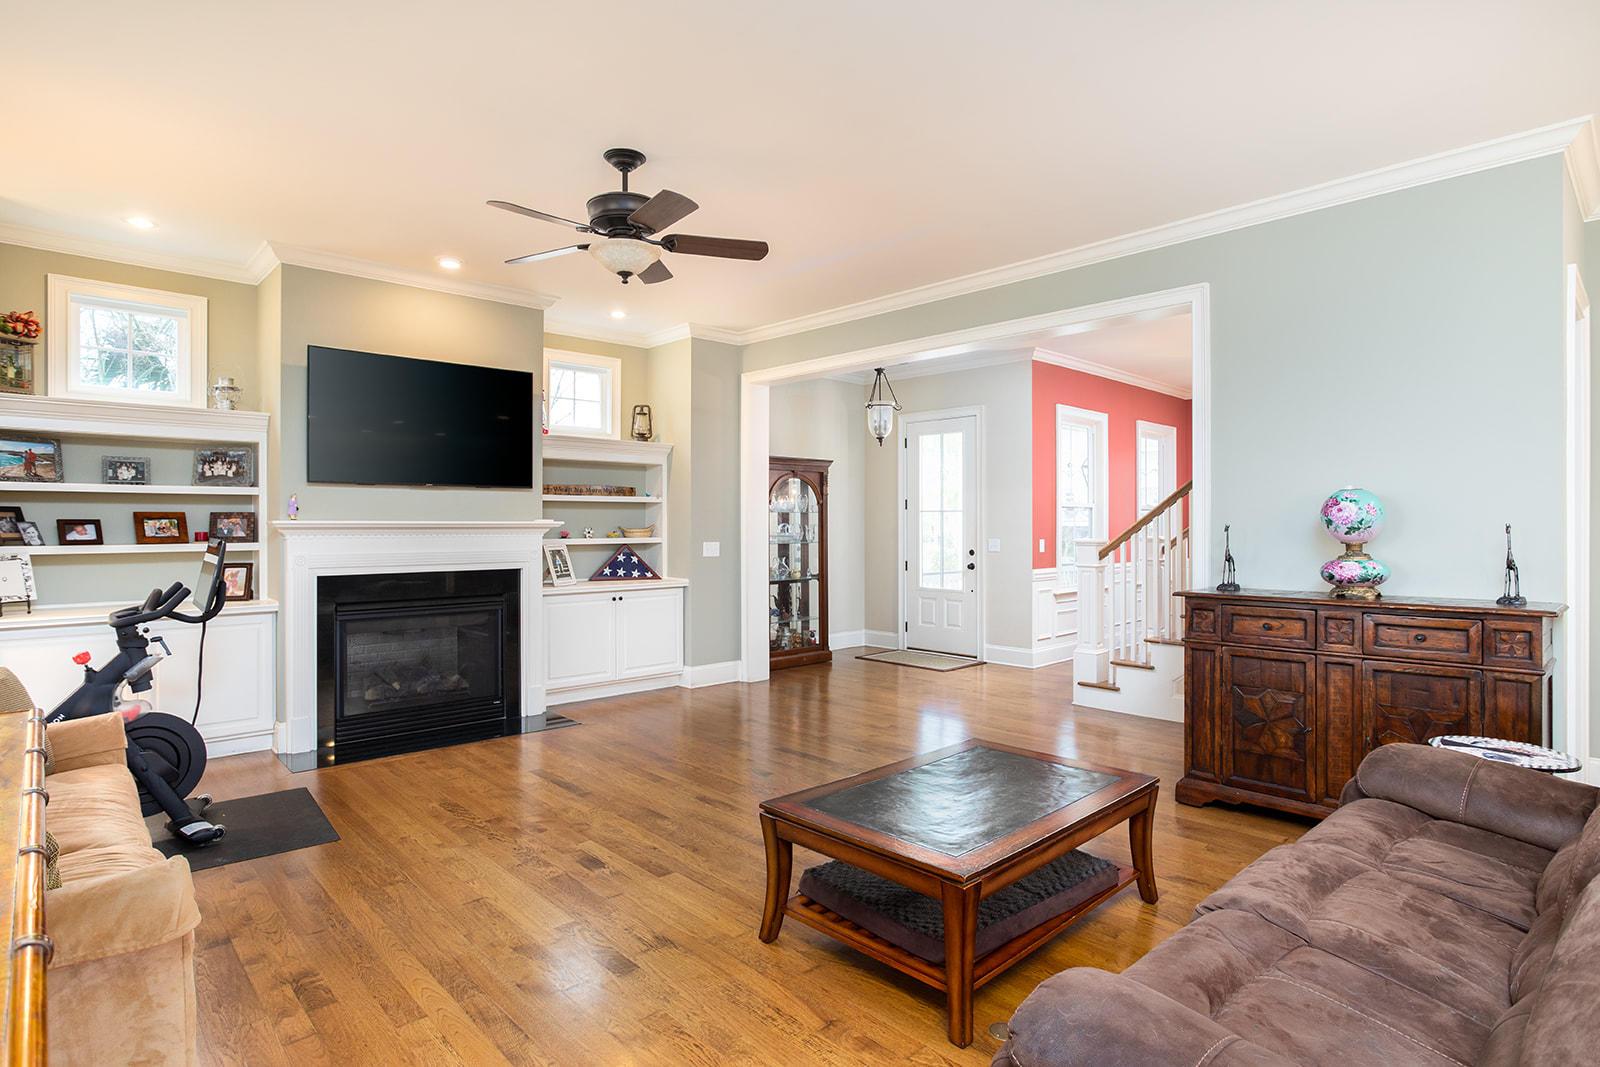 Dunes West Homes For Sale - 3019 Yachtsman, Mount Pleasant, SC - 6